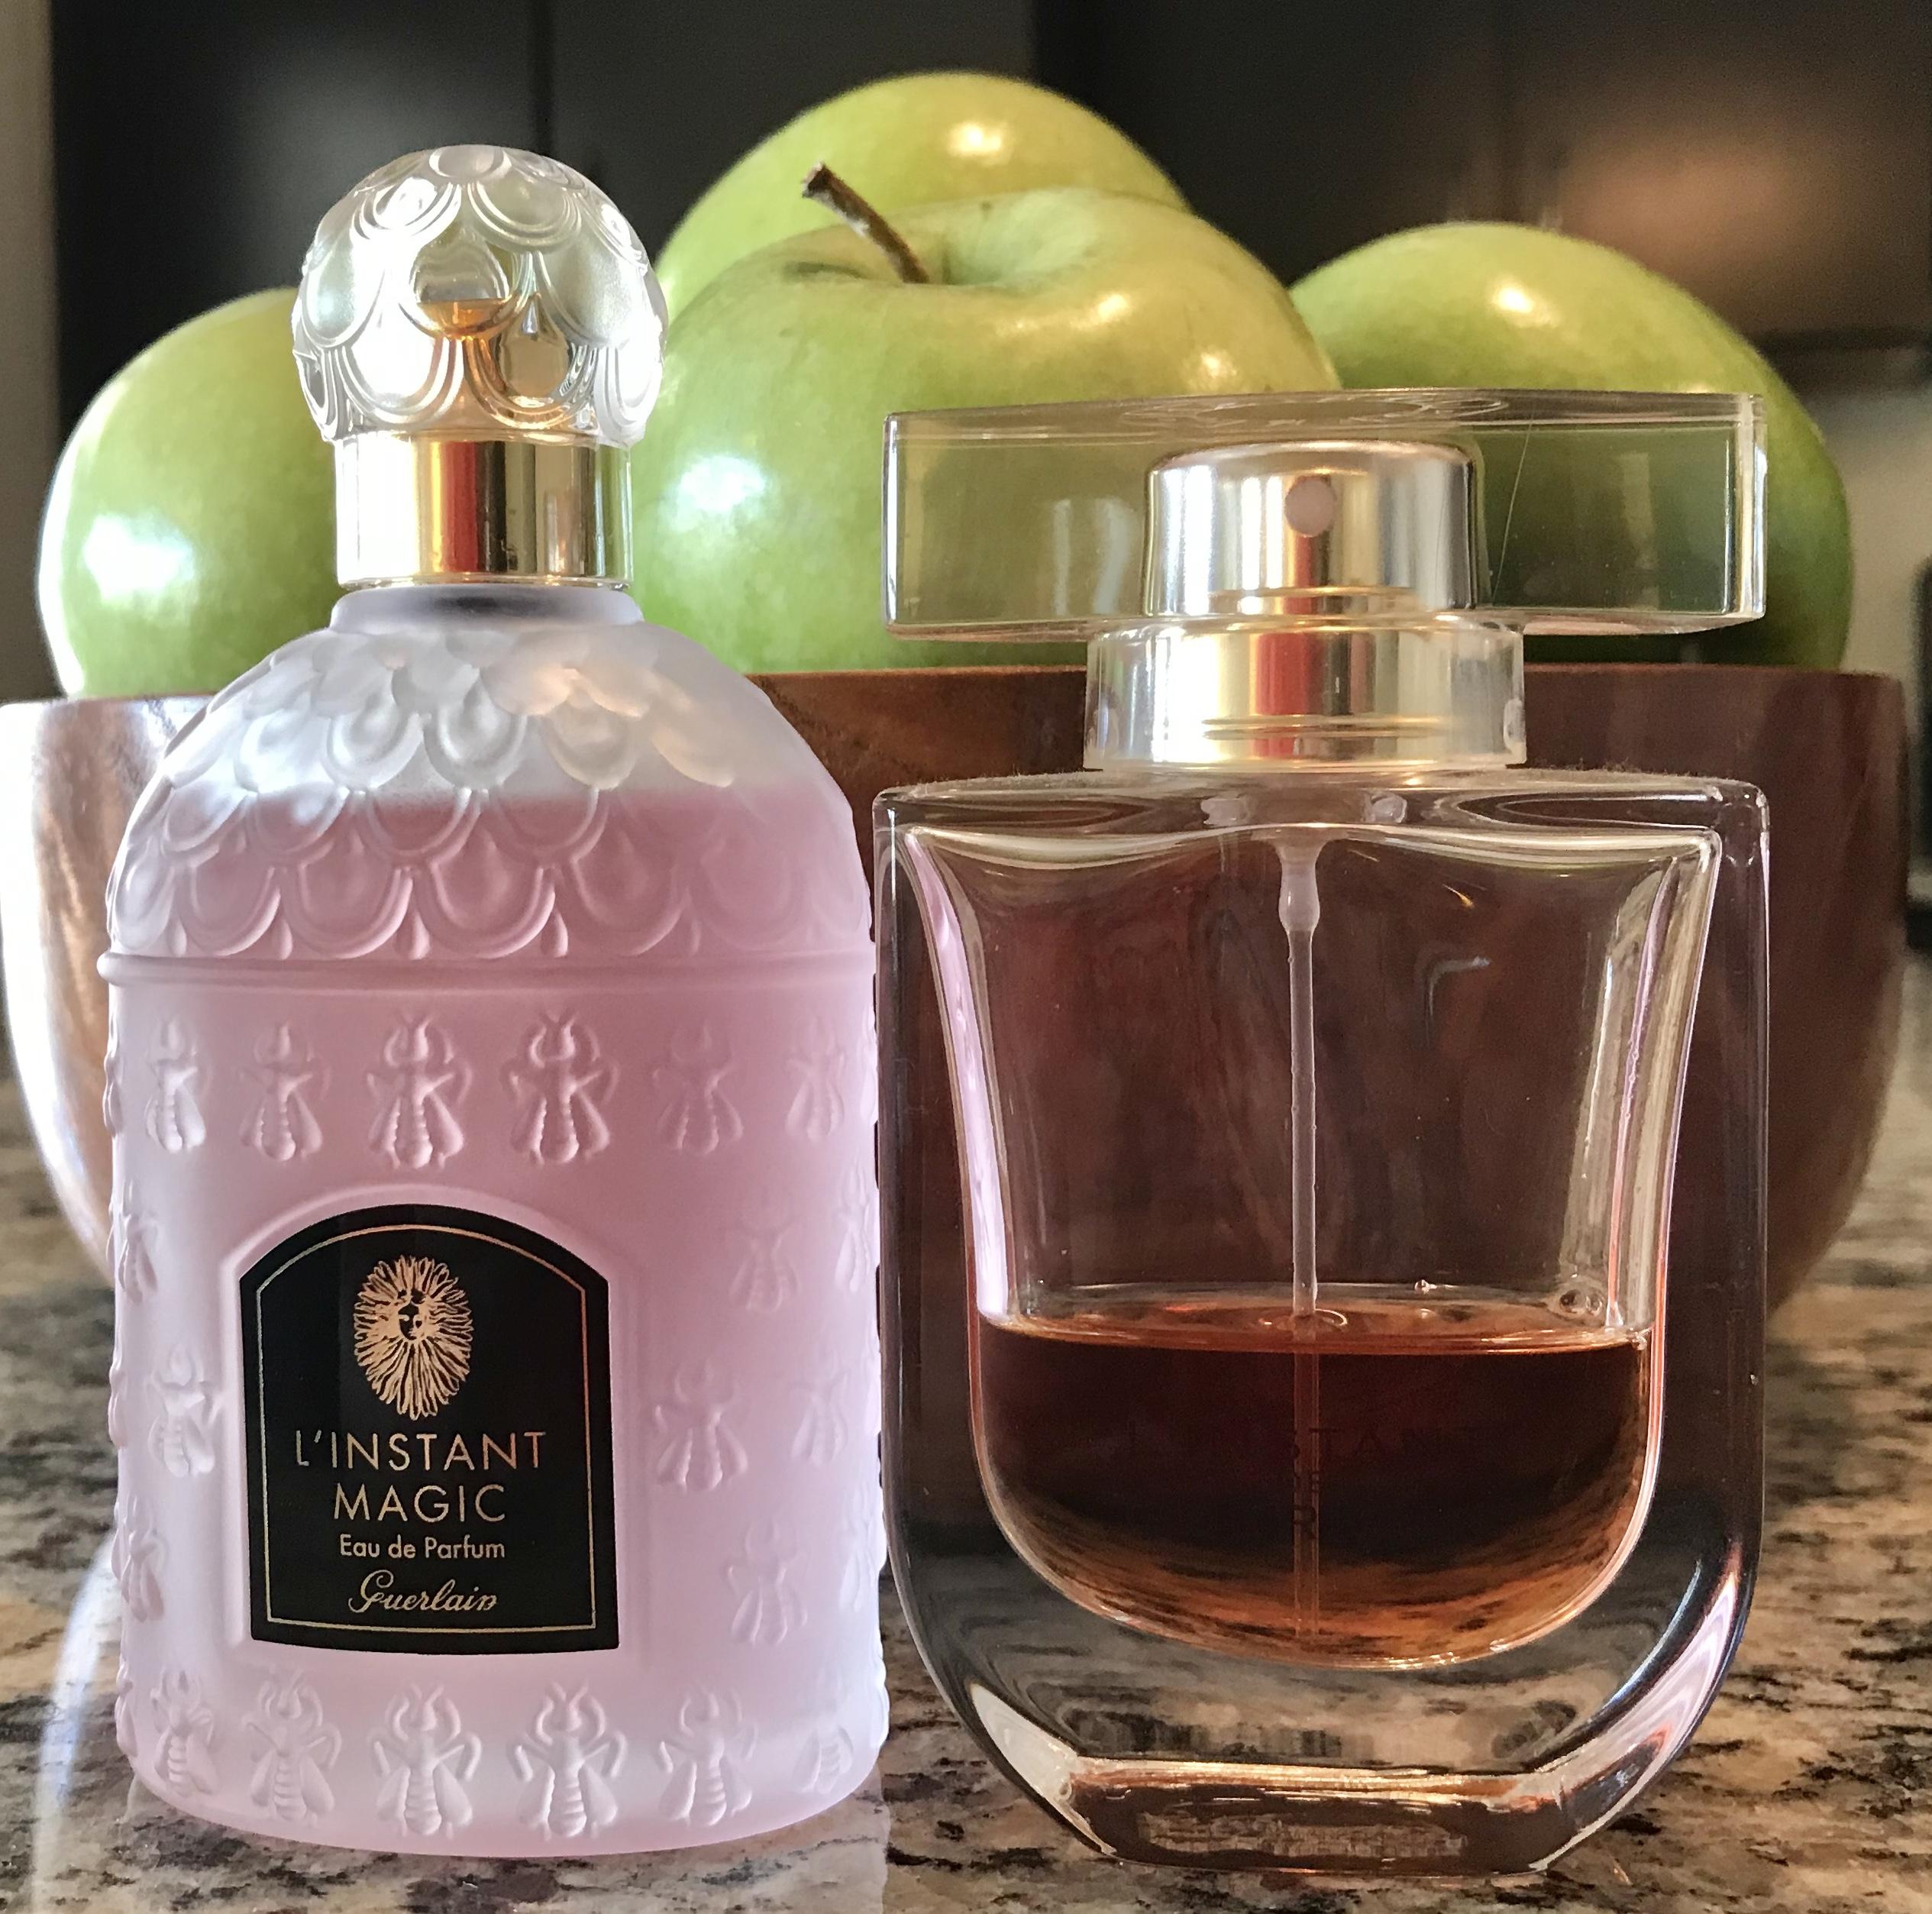 fragrance review, guerlain fragrance, guerlain fragrance review, guerlain perfume, guerlain perfume review, beauty battle, beauty battles, guerlain review, french fragrances, french perfumes, best french fragrances, best guerlain fragrances,